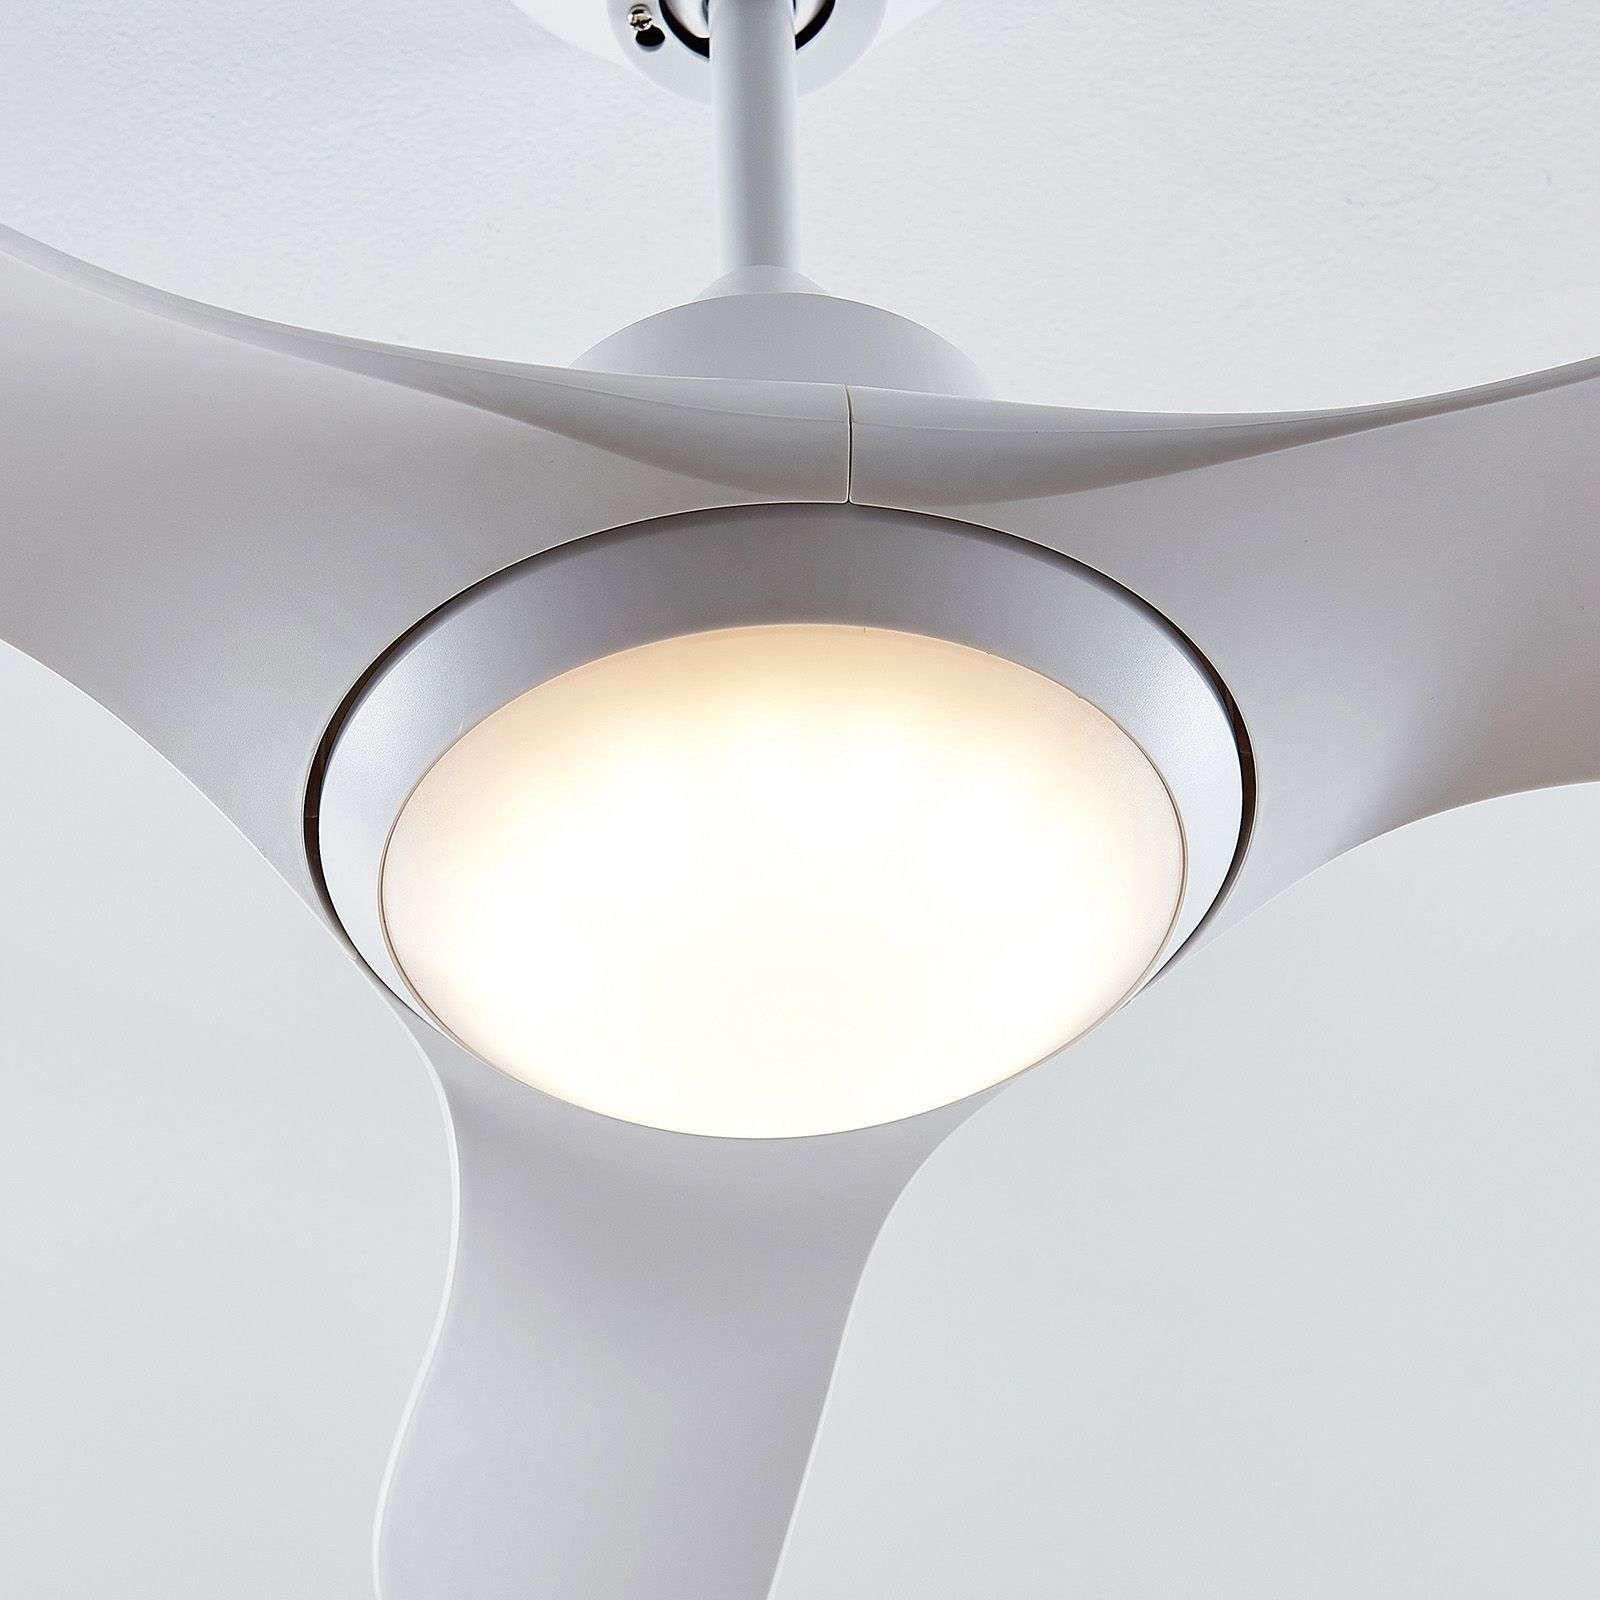 Moderner Deckenventilatoren Mit Beleuchtung Von Arcchio Weiss In 2020 Deckenventilator Led Und Ventilator